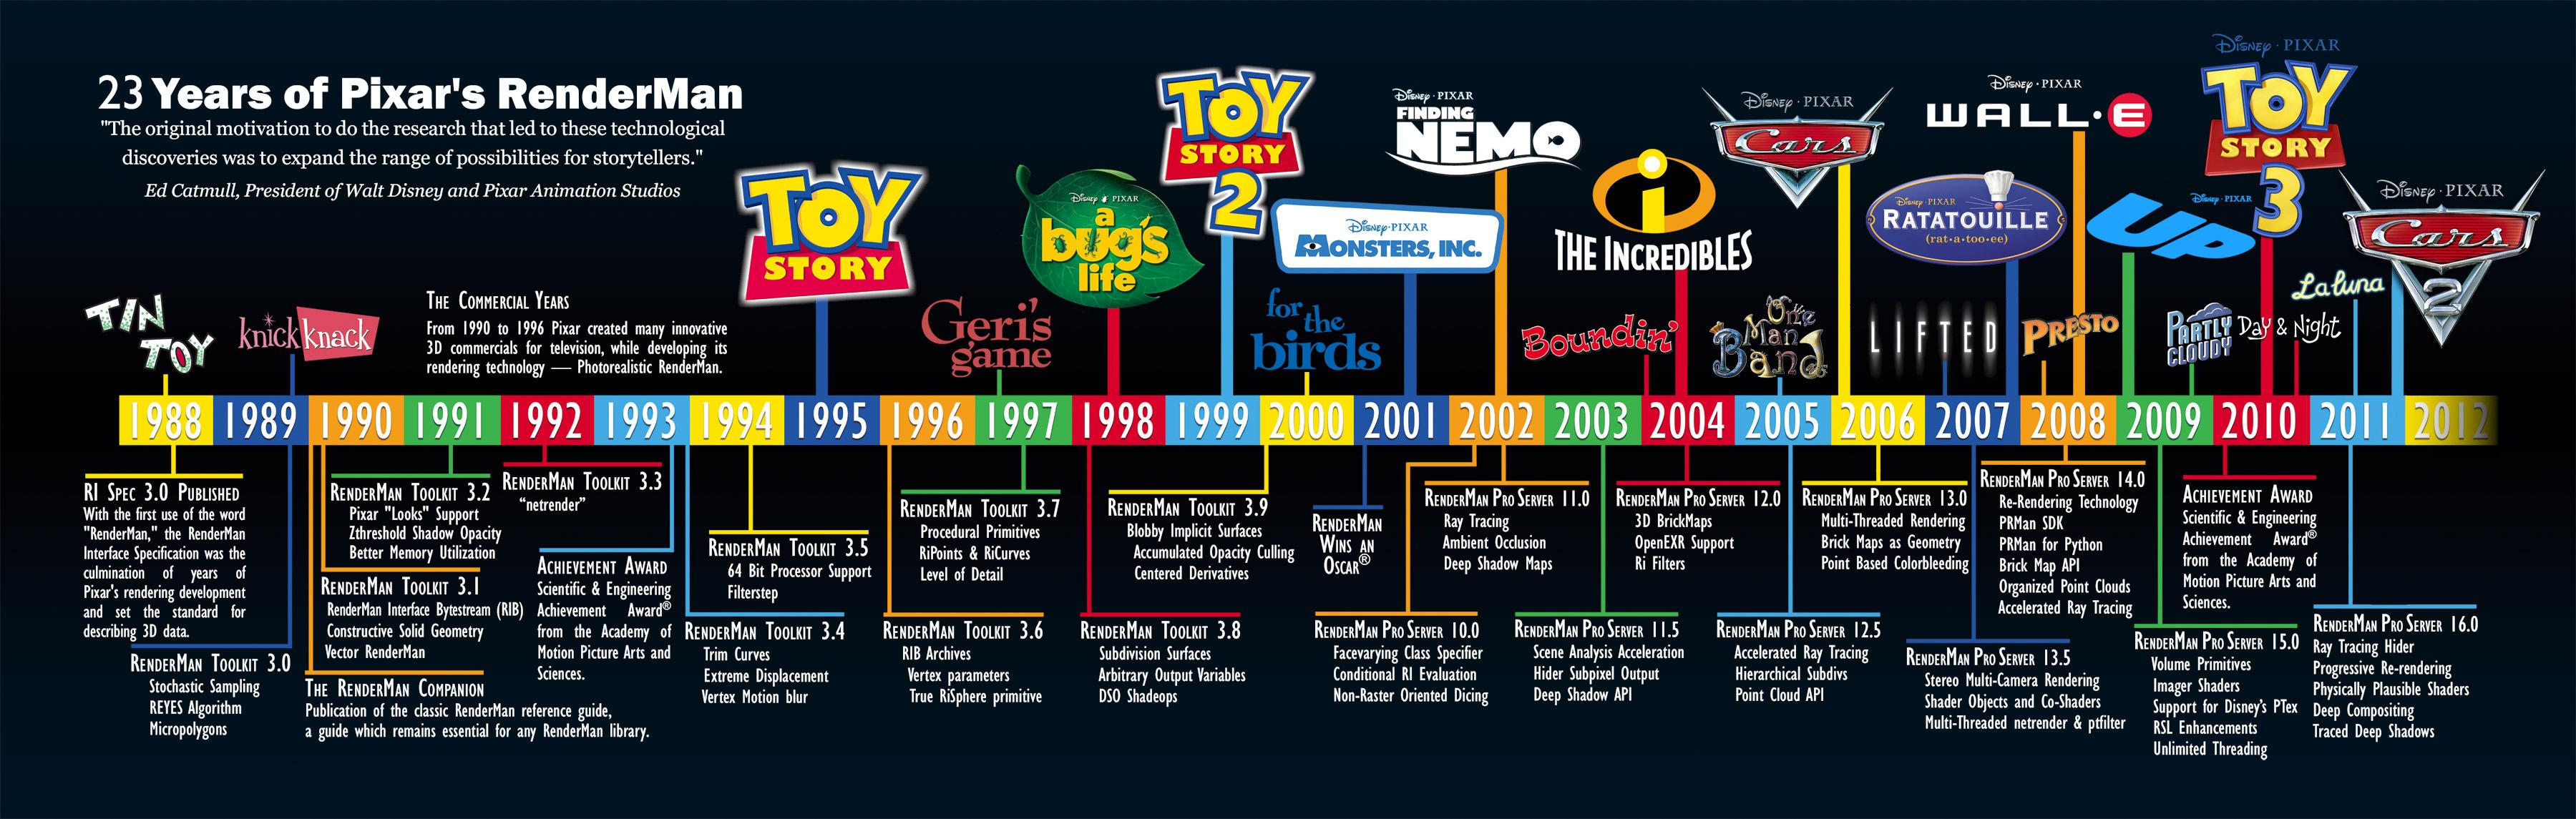 20-years-pixar-renderman